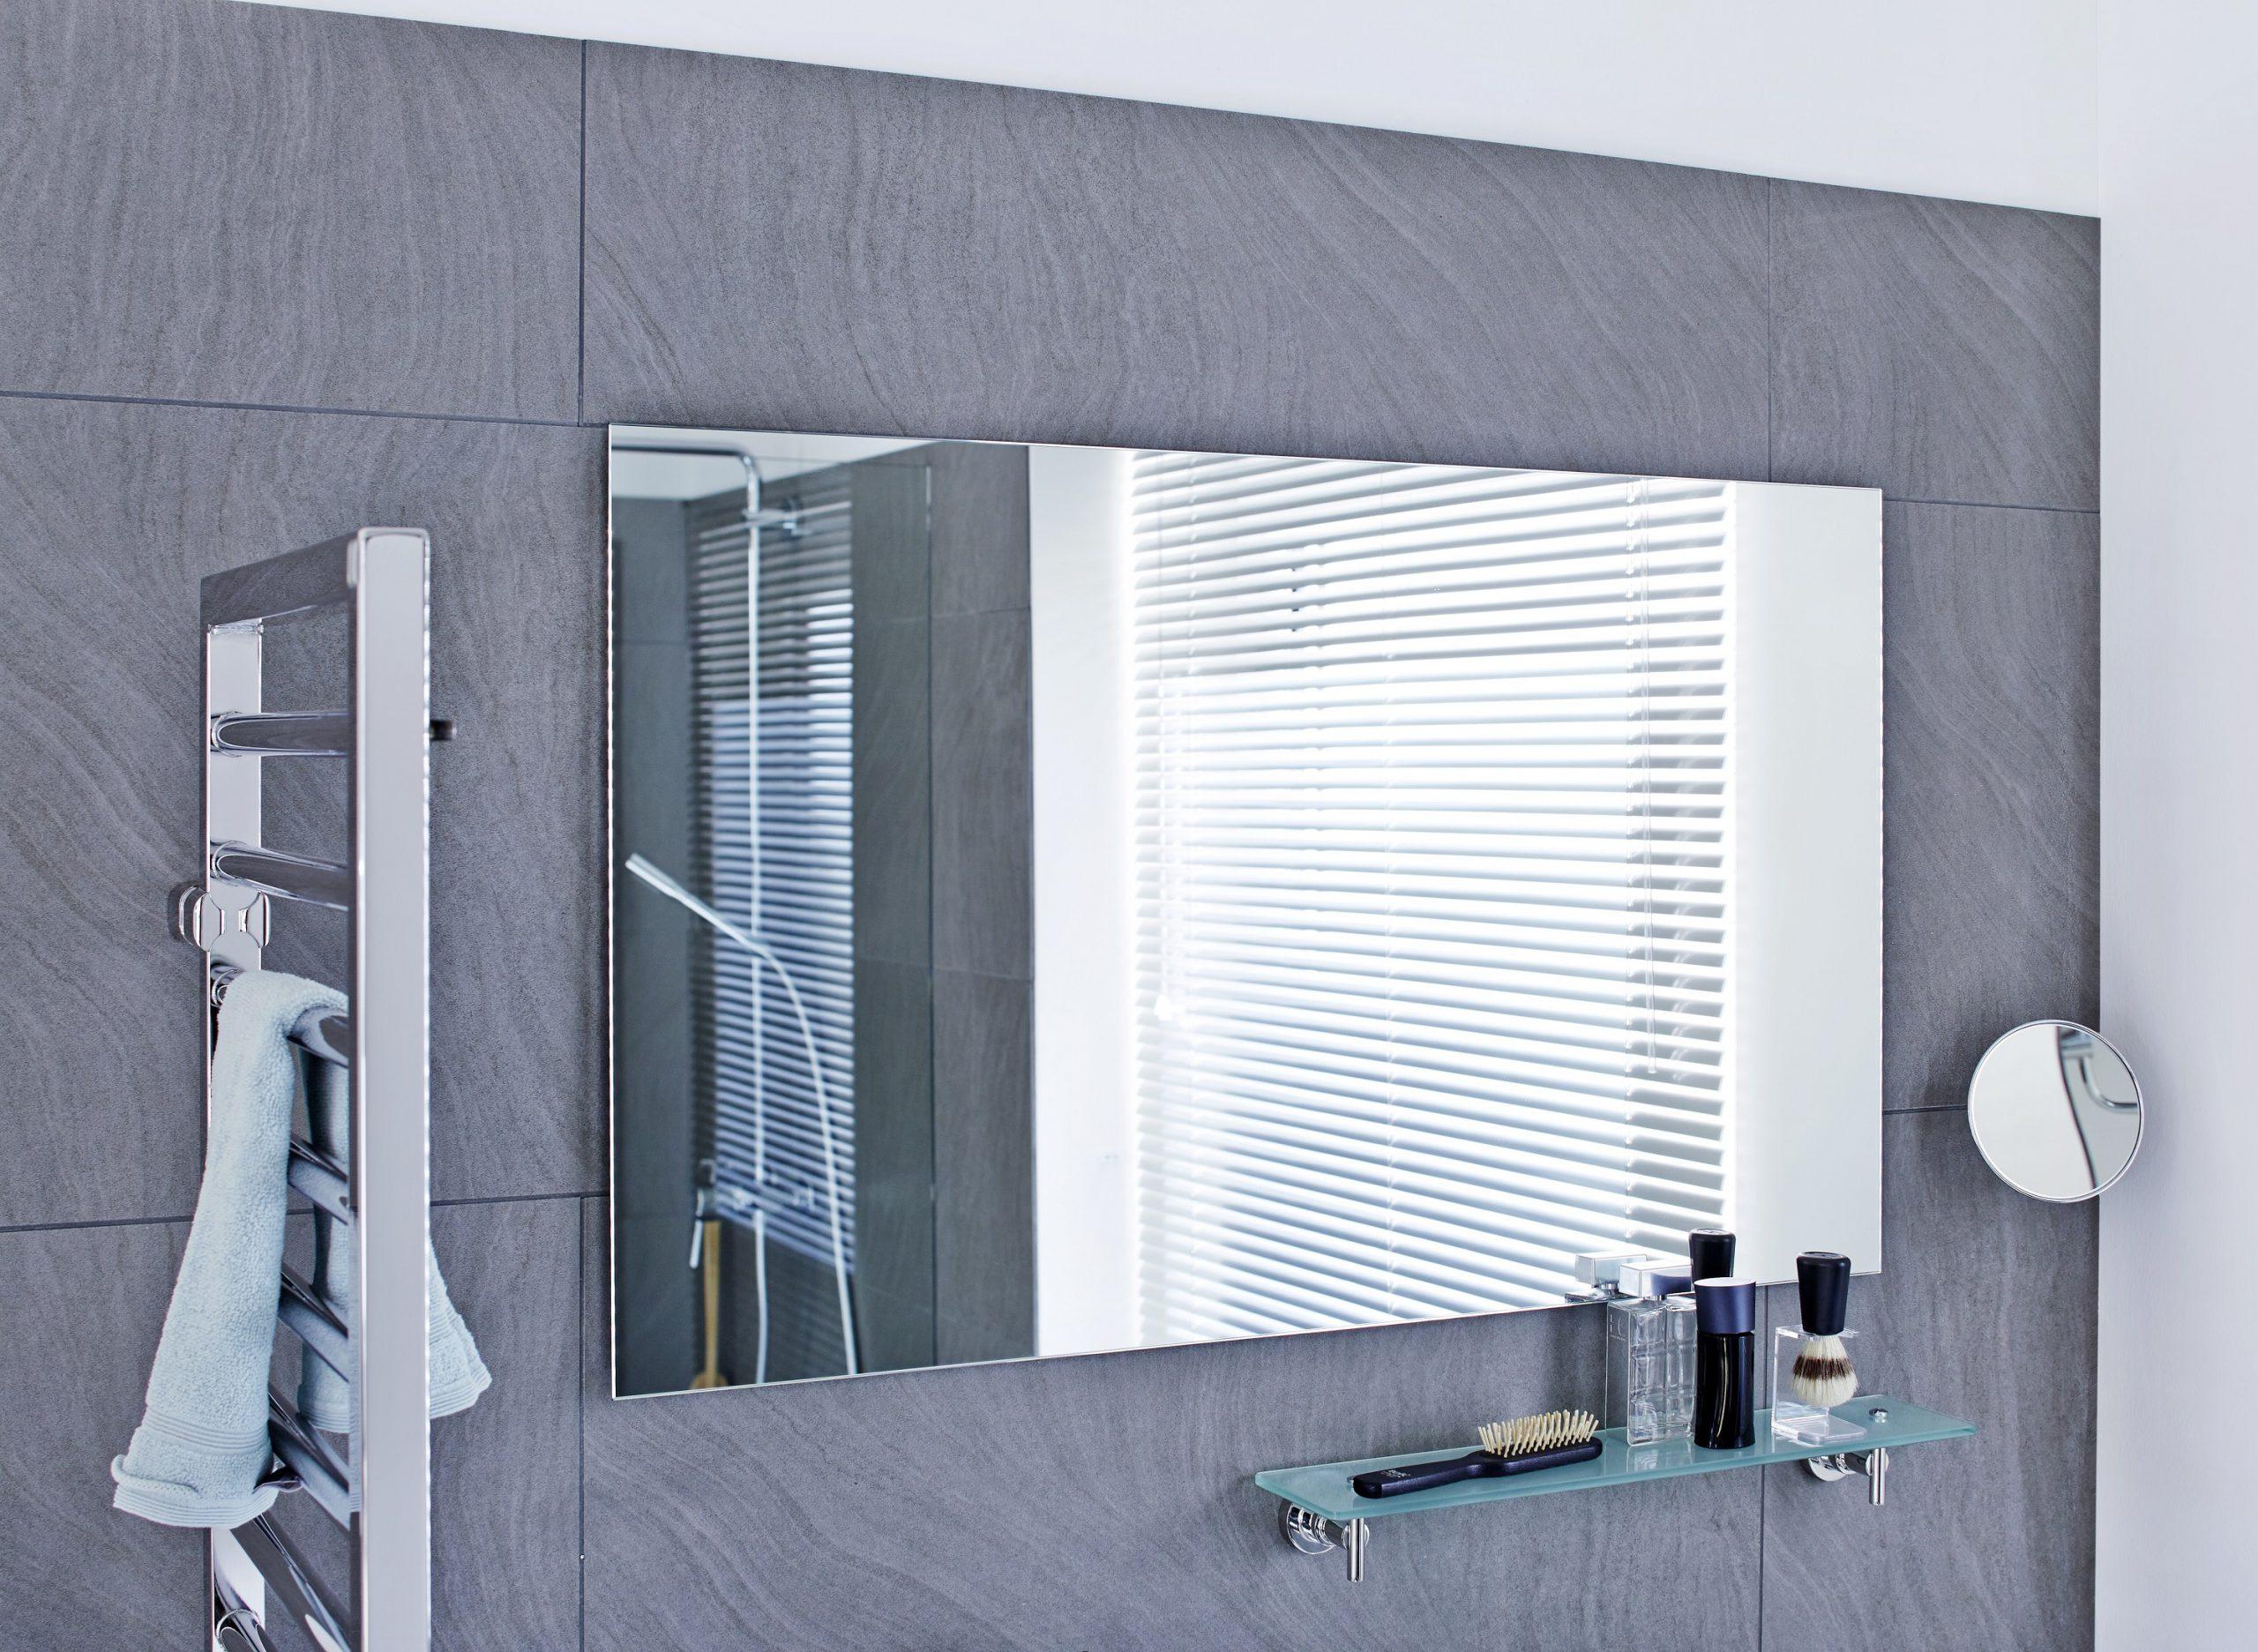 Wandspiegel im Bad vor grauen Fliesen